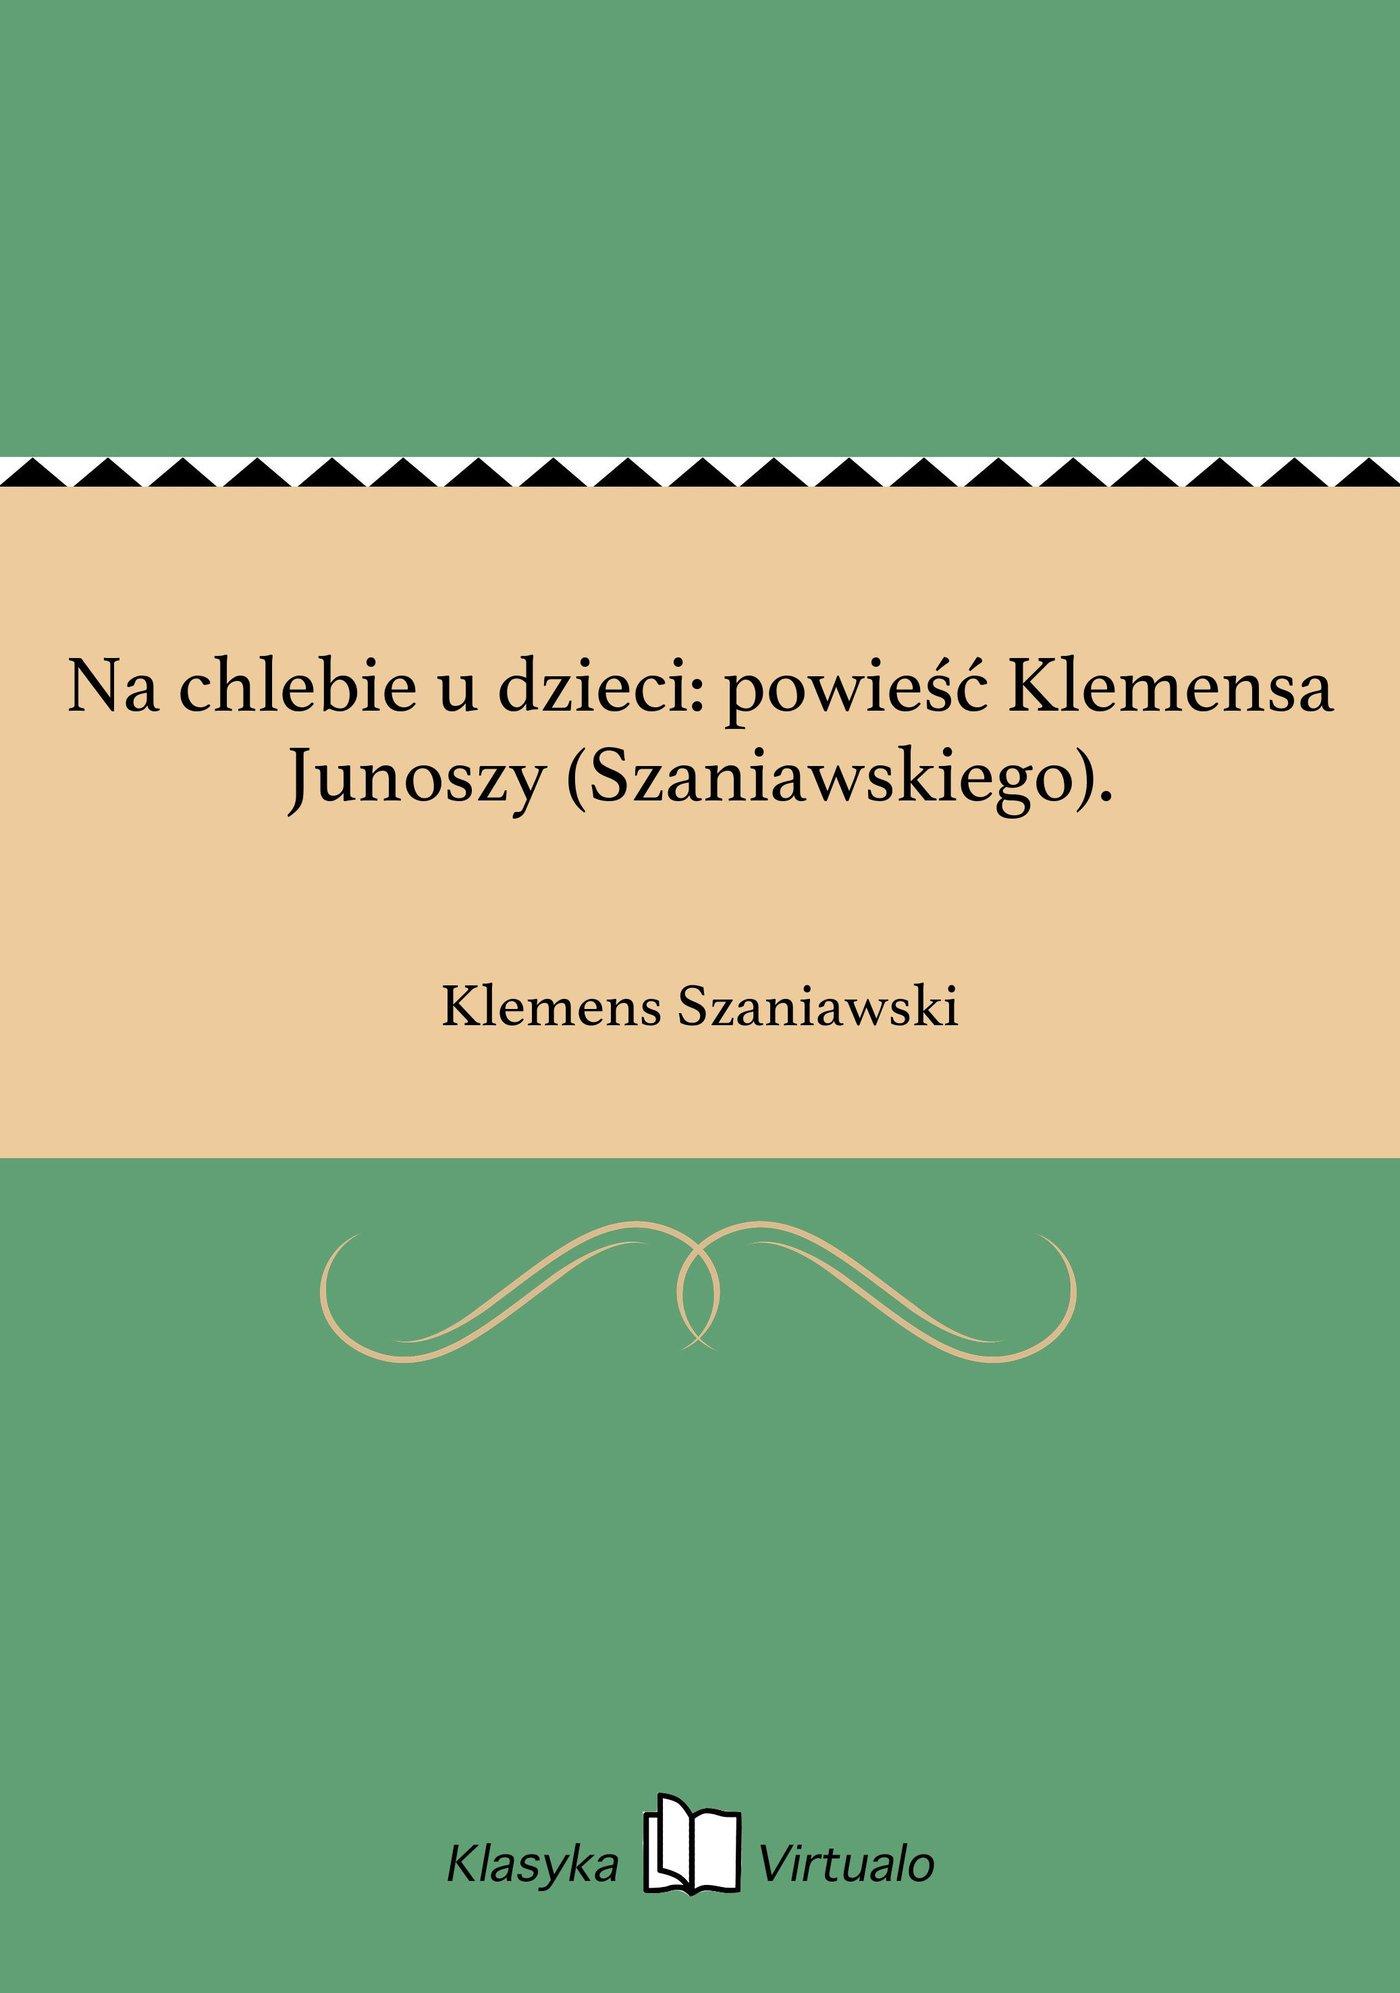 Na chlebie u dzieci: powieść Klemensa Junoszy (Szaniawskiego). - Ebook (Książka EPUB) do pobrania w formacie EPUB